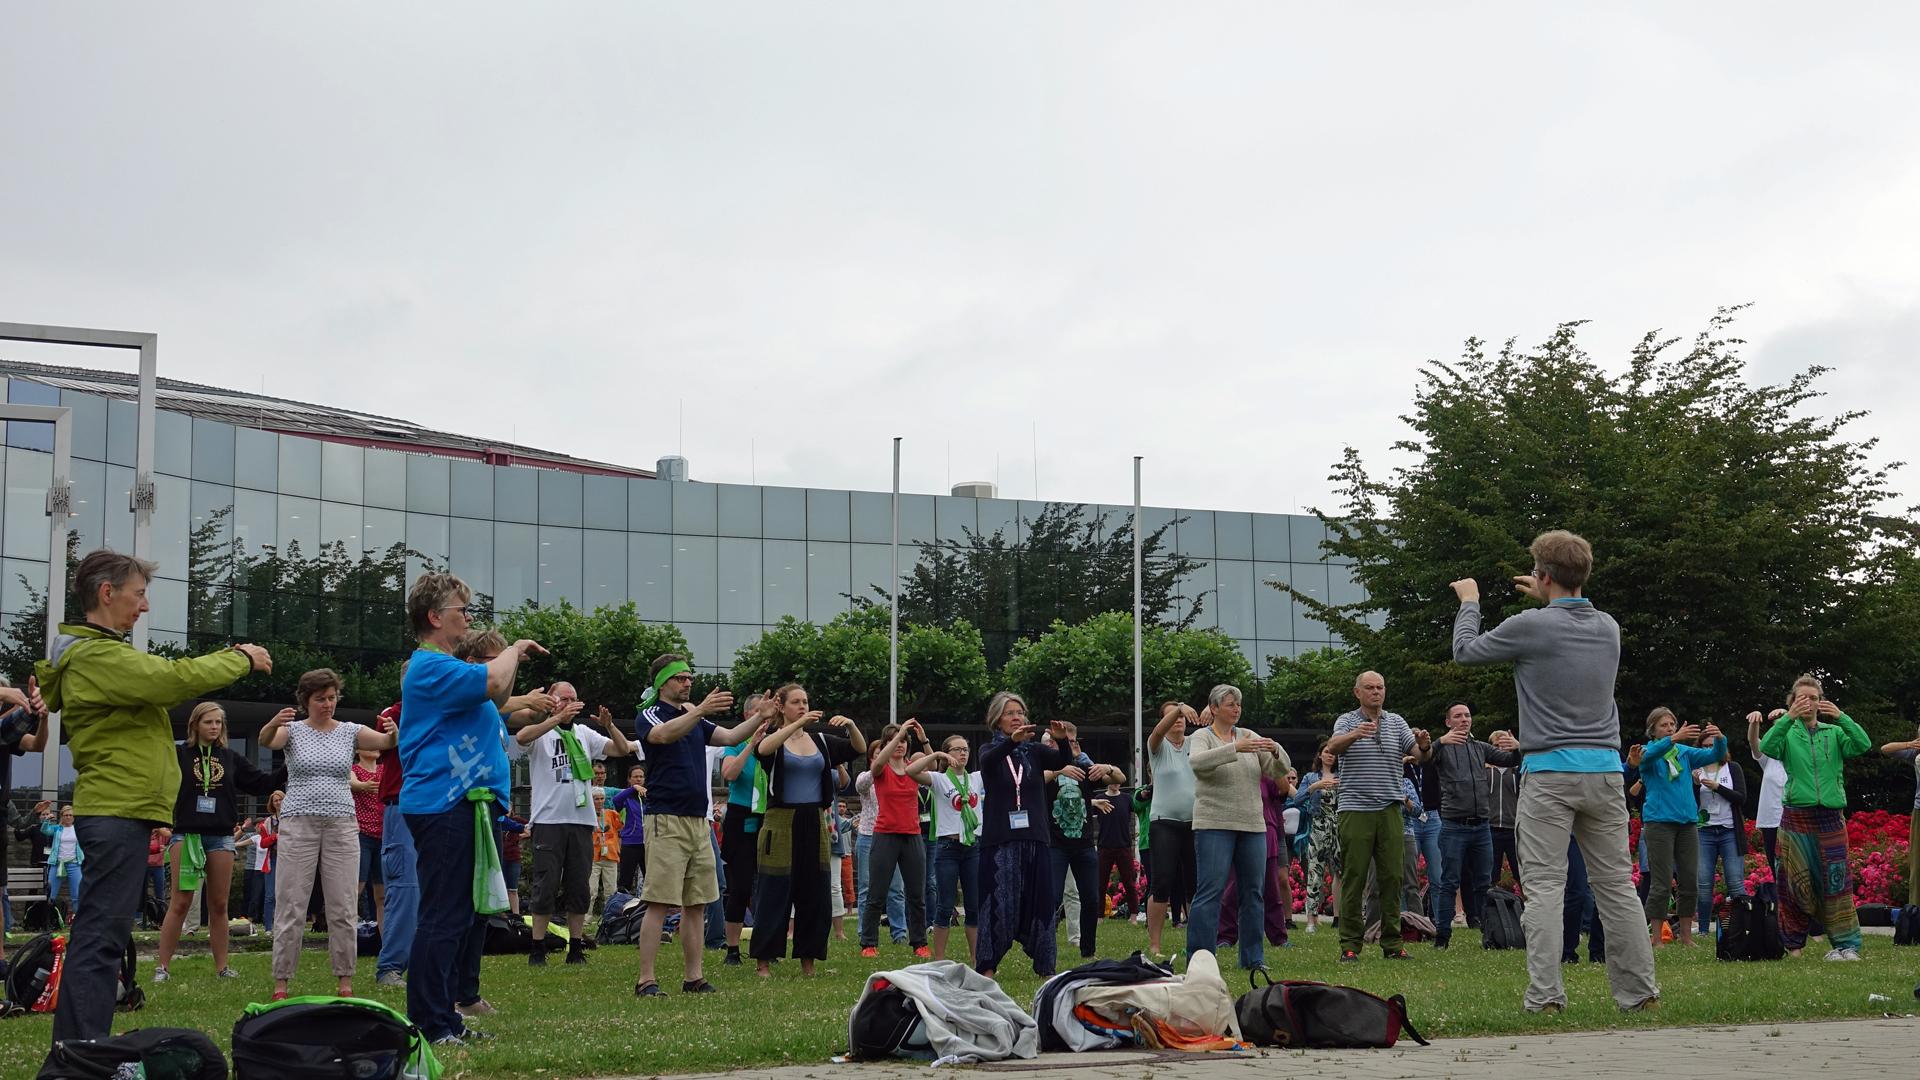 Im Rosengarten bei den Westfalenhallen gab es morgens körperliche Ertüchtigungen der Kirchentagsteilnehmer zu bewundern